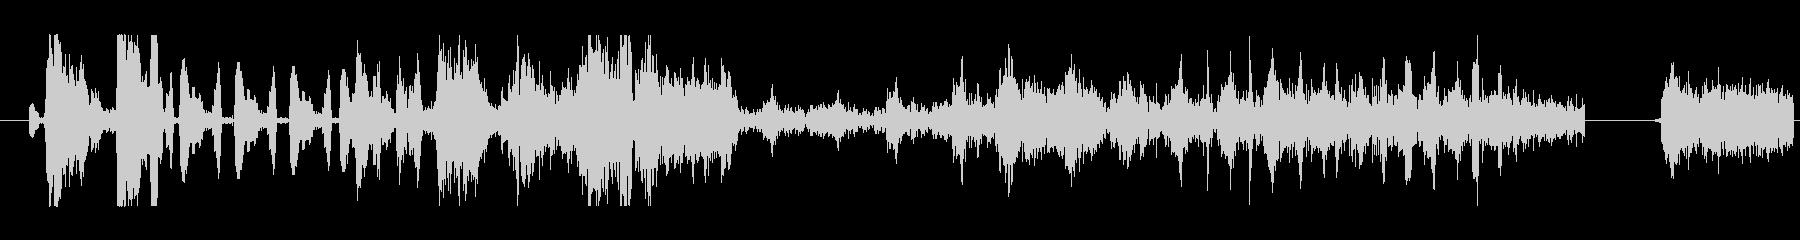 イメージ 言葉のノイズ06の未再生の波形